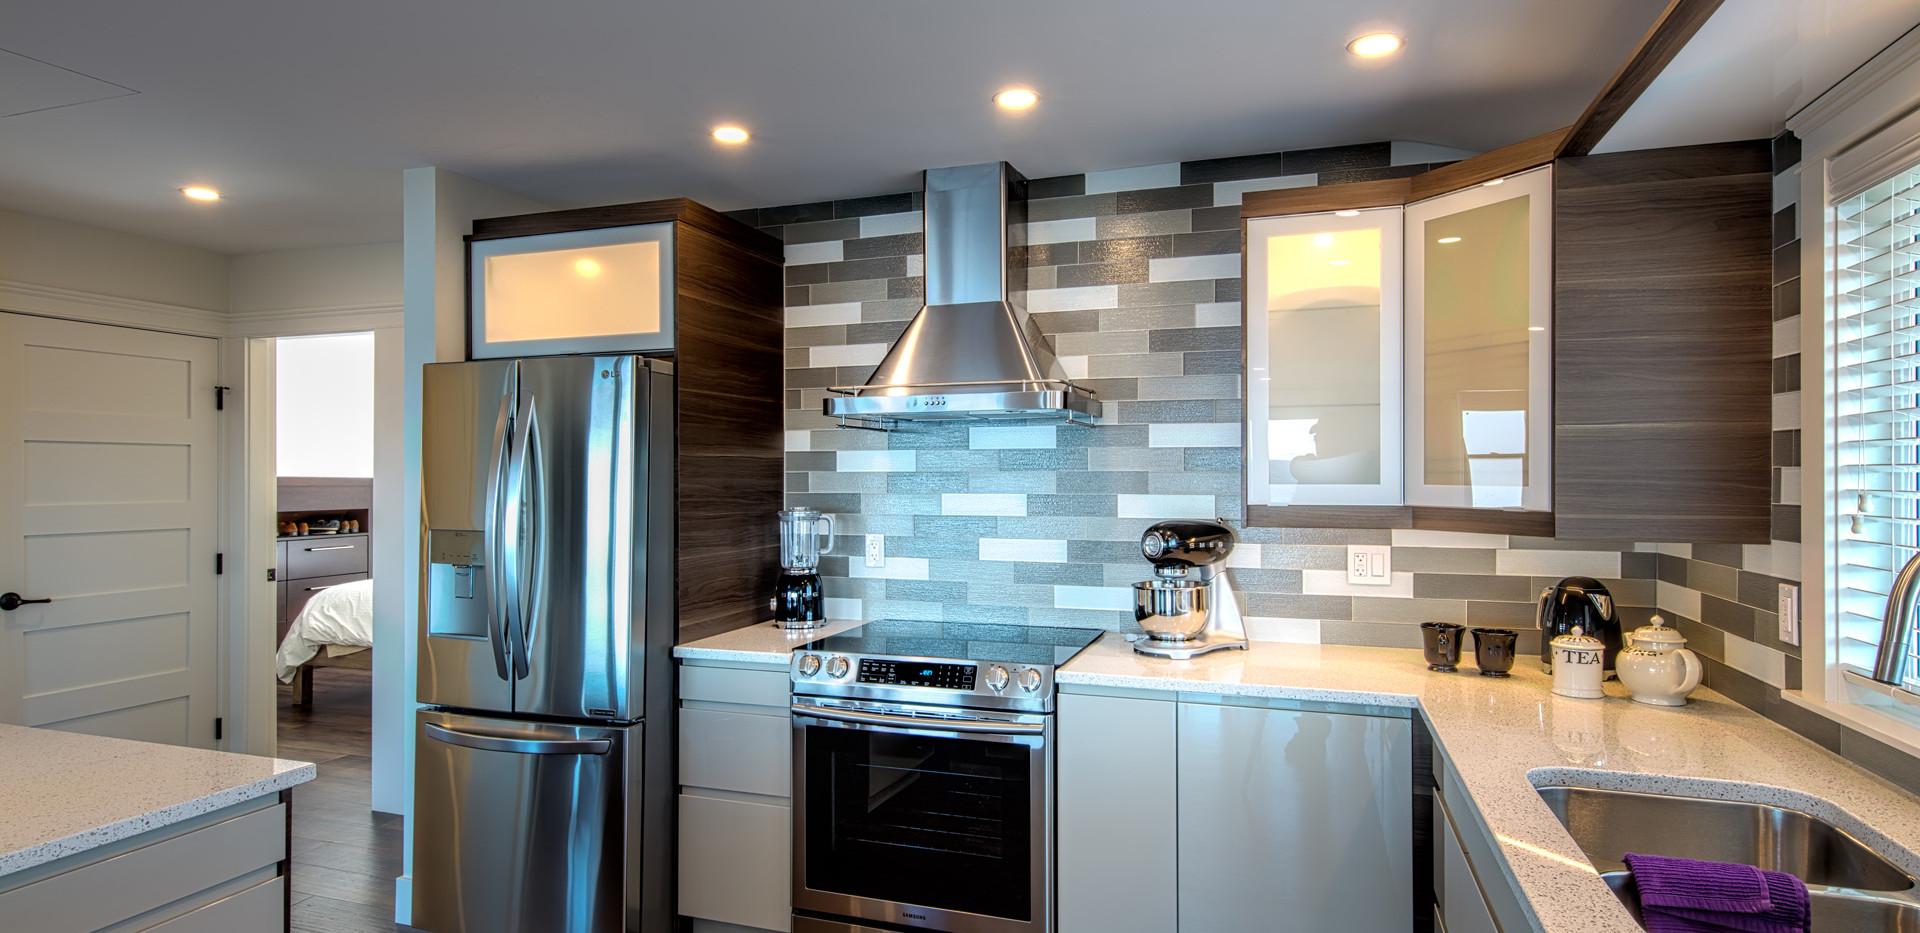 Bright Full Kitchens